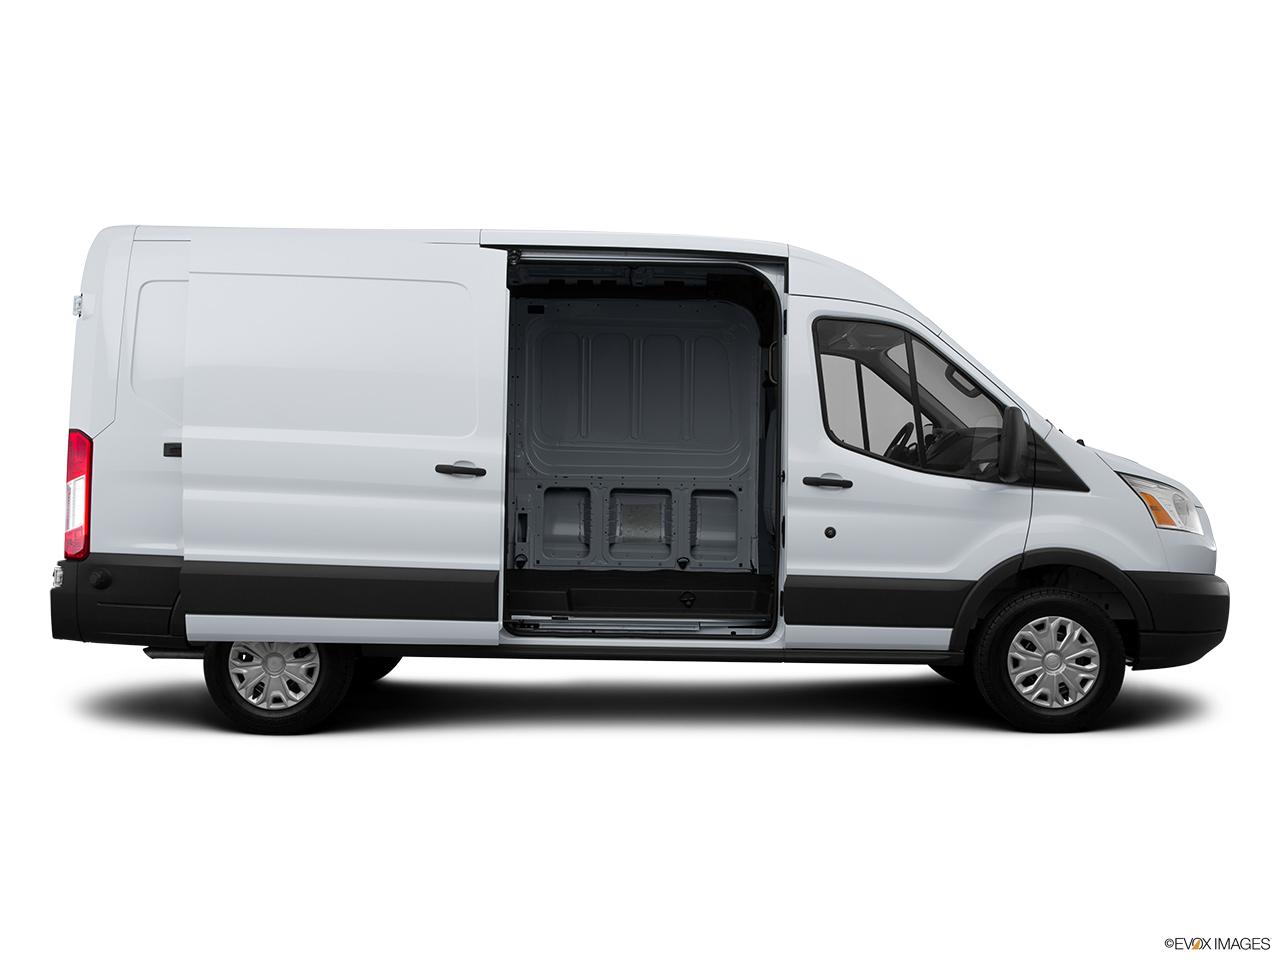 Ford Transit Cutaway >> 2015 Ford Transit Cutaway T-250 156 9000 GVWR SRW - Passenger's side view, sliding door open ...